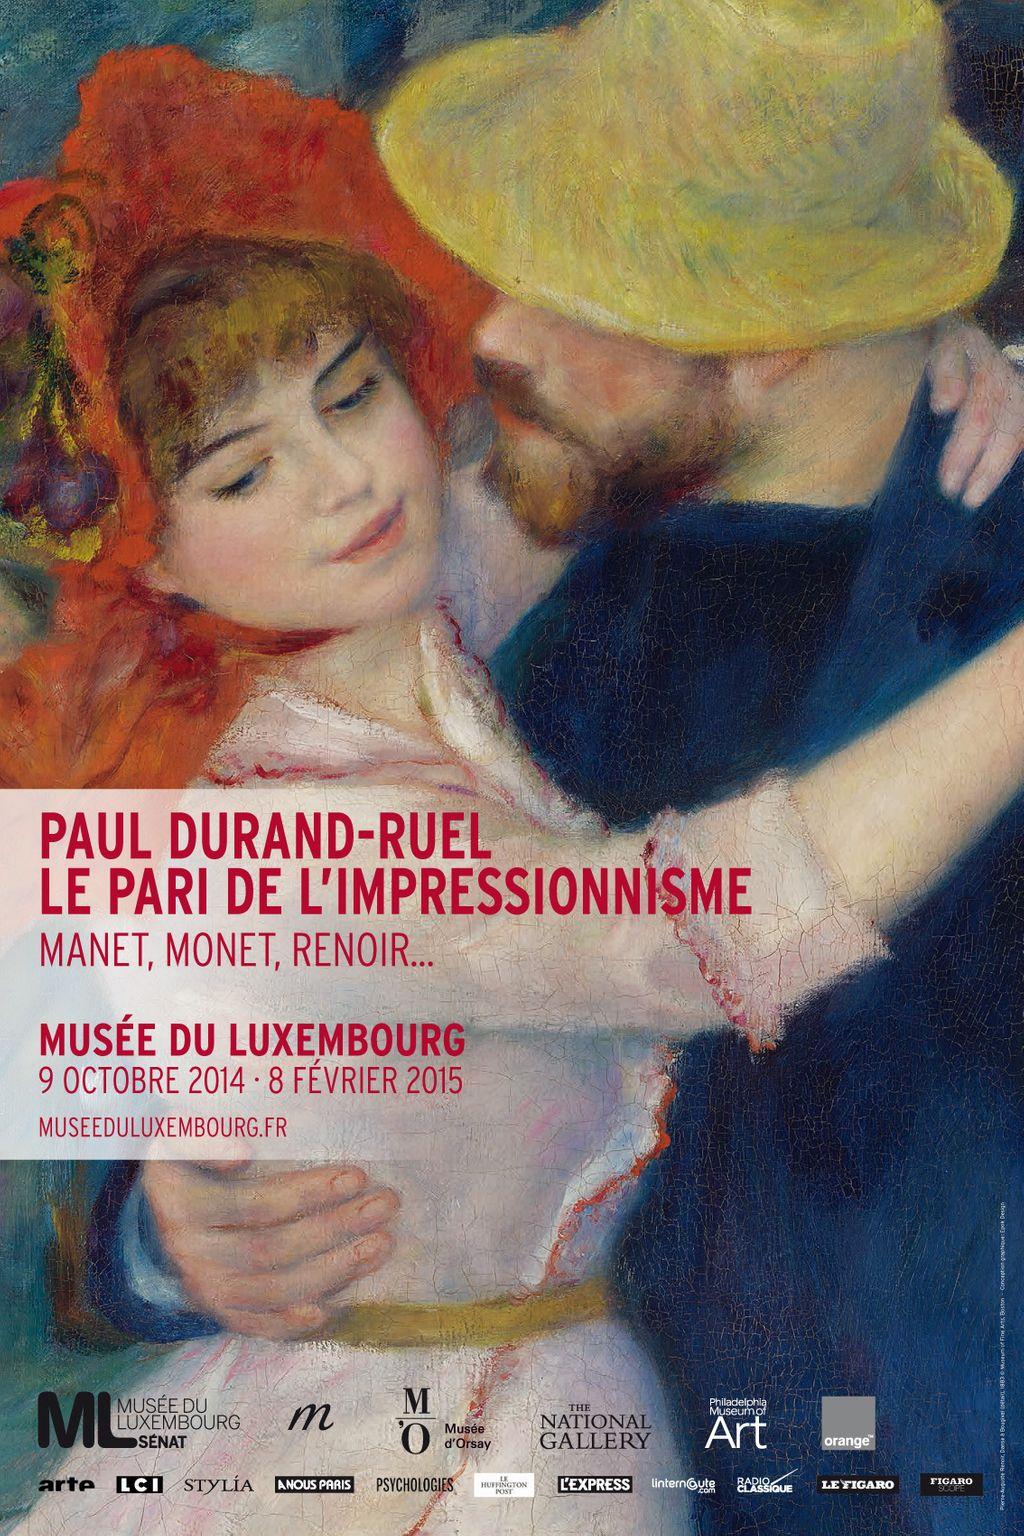 Coup de cœur pour Paul Durand-Ruel au musée du Luxembourg